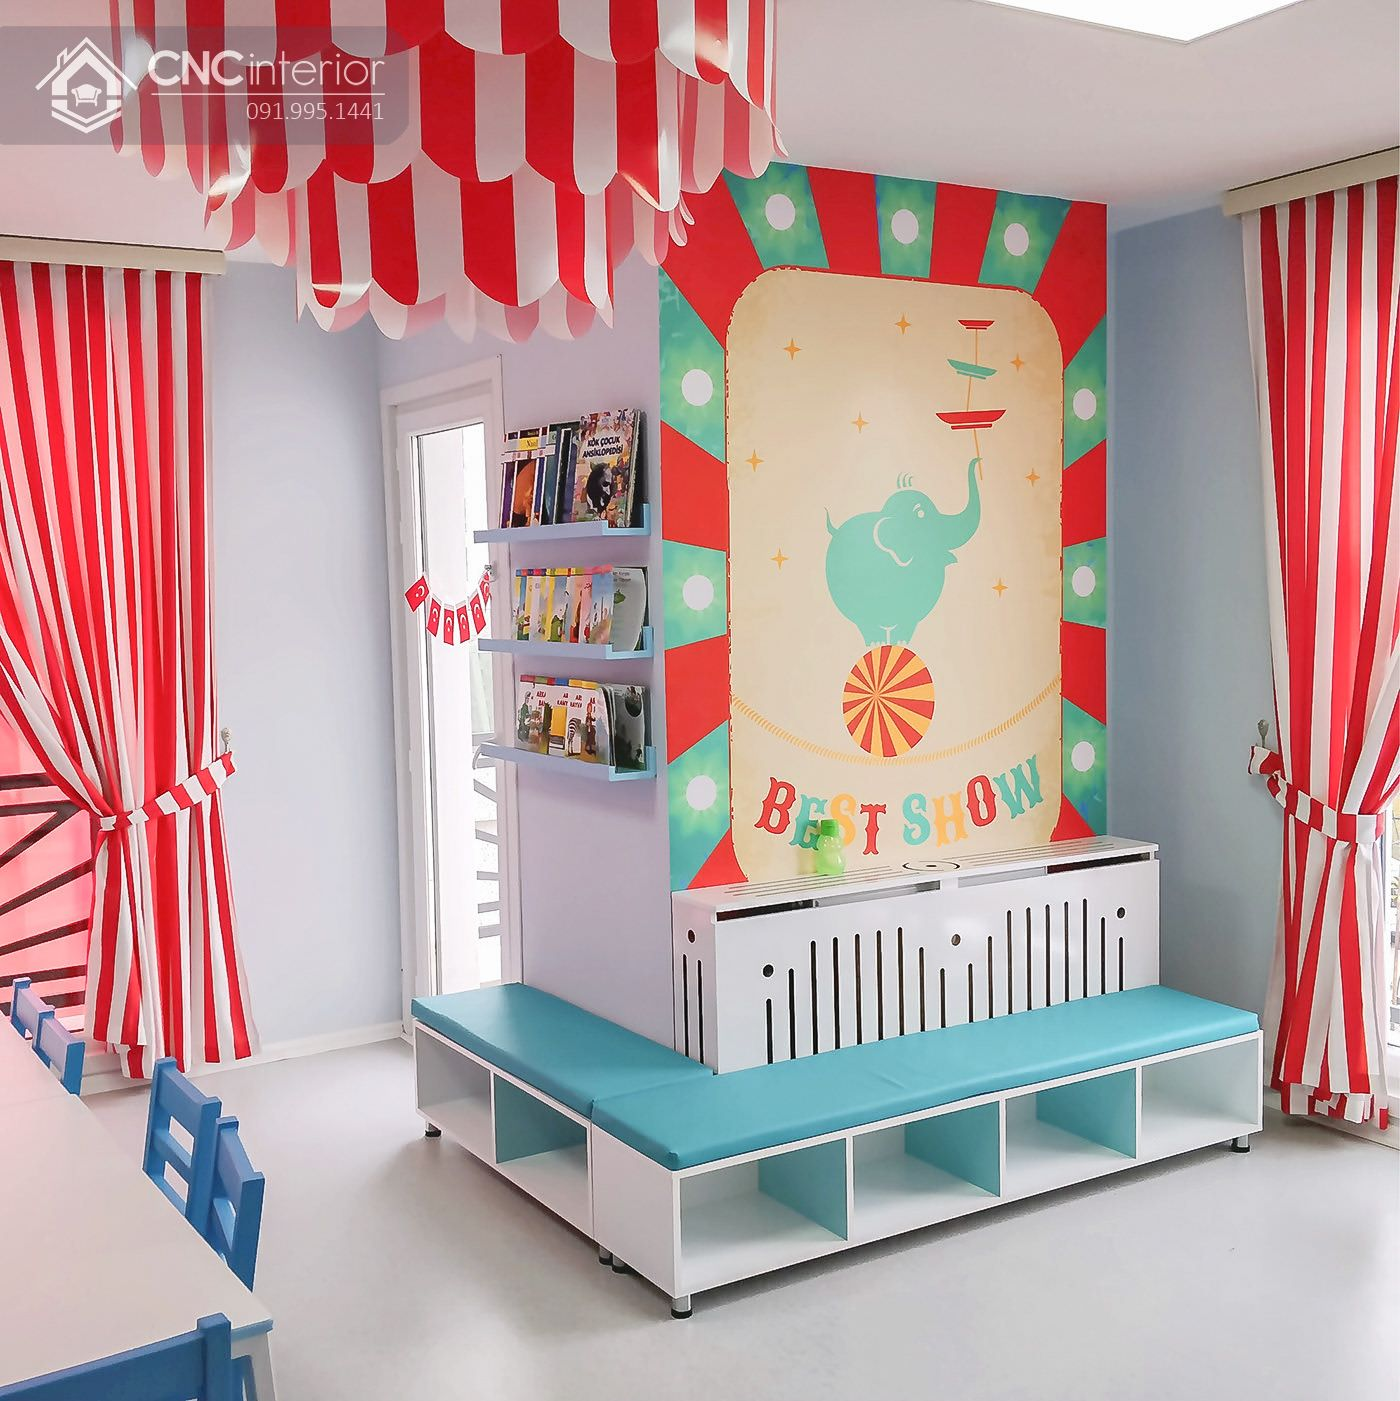 thiết kế nội thất trường mầm non 4